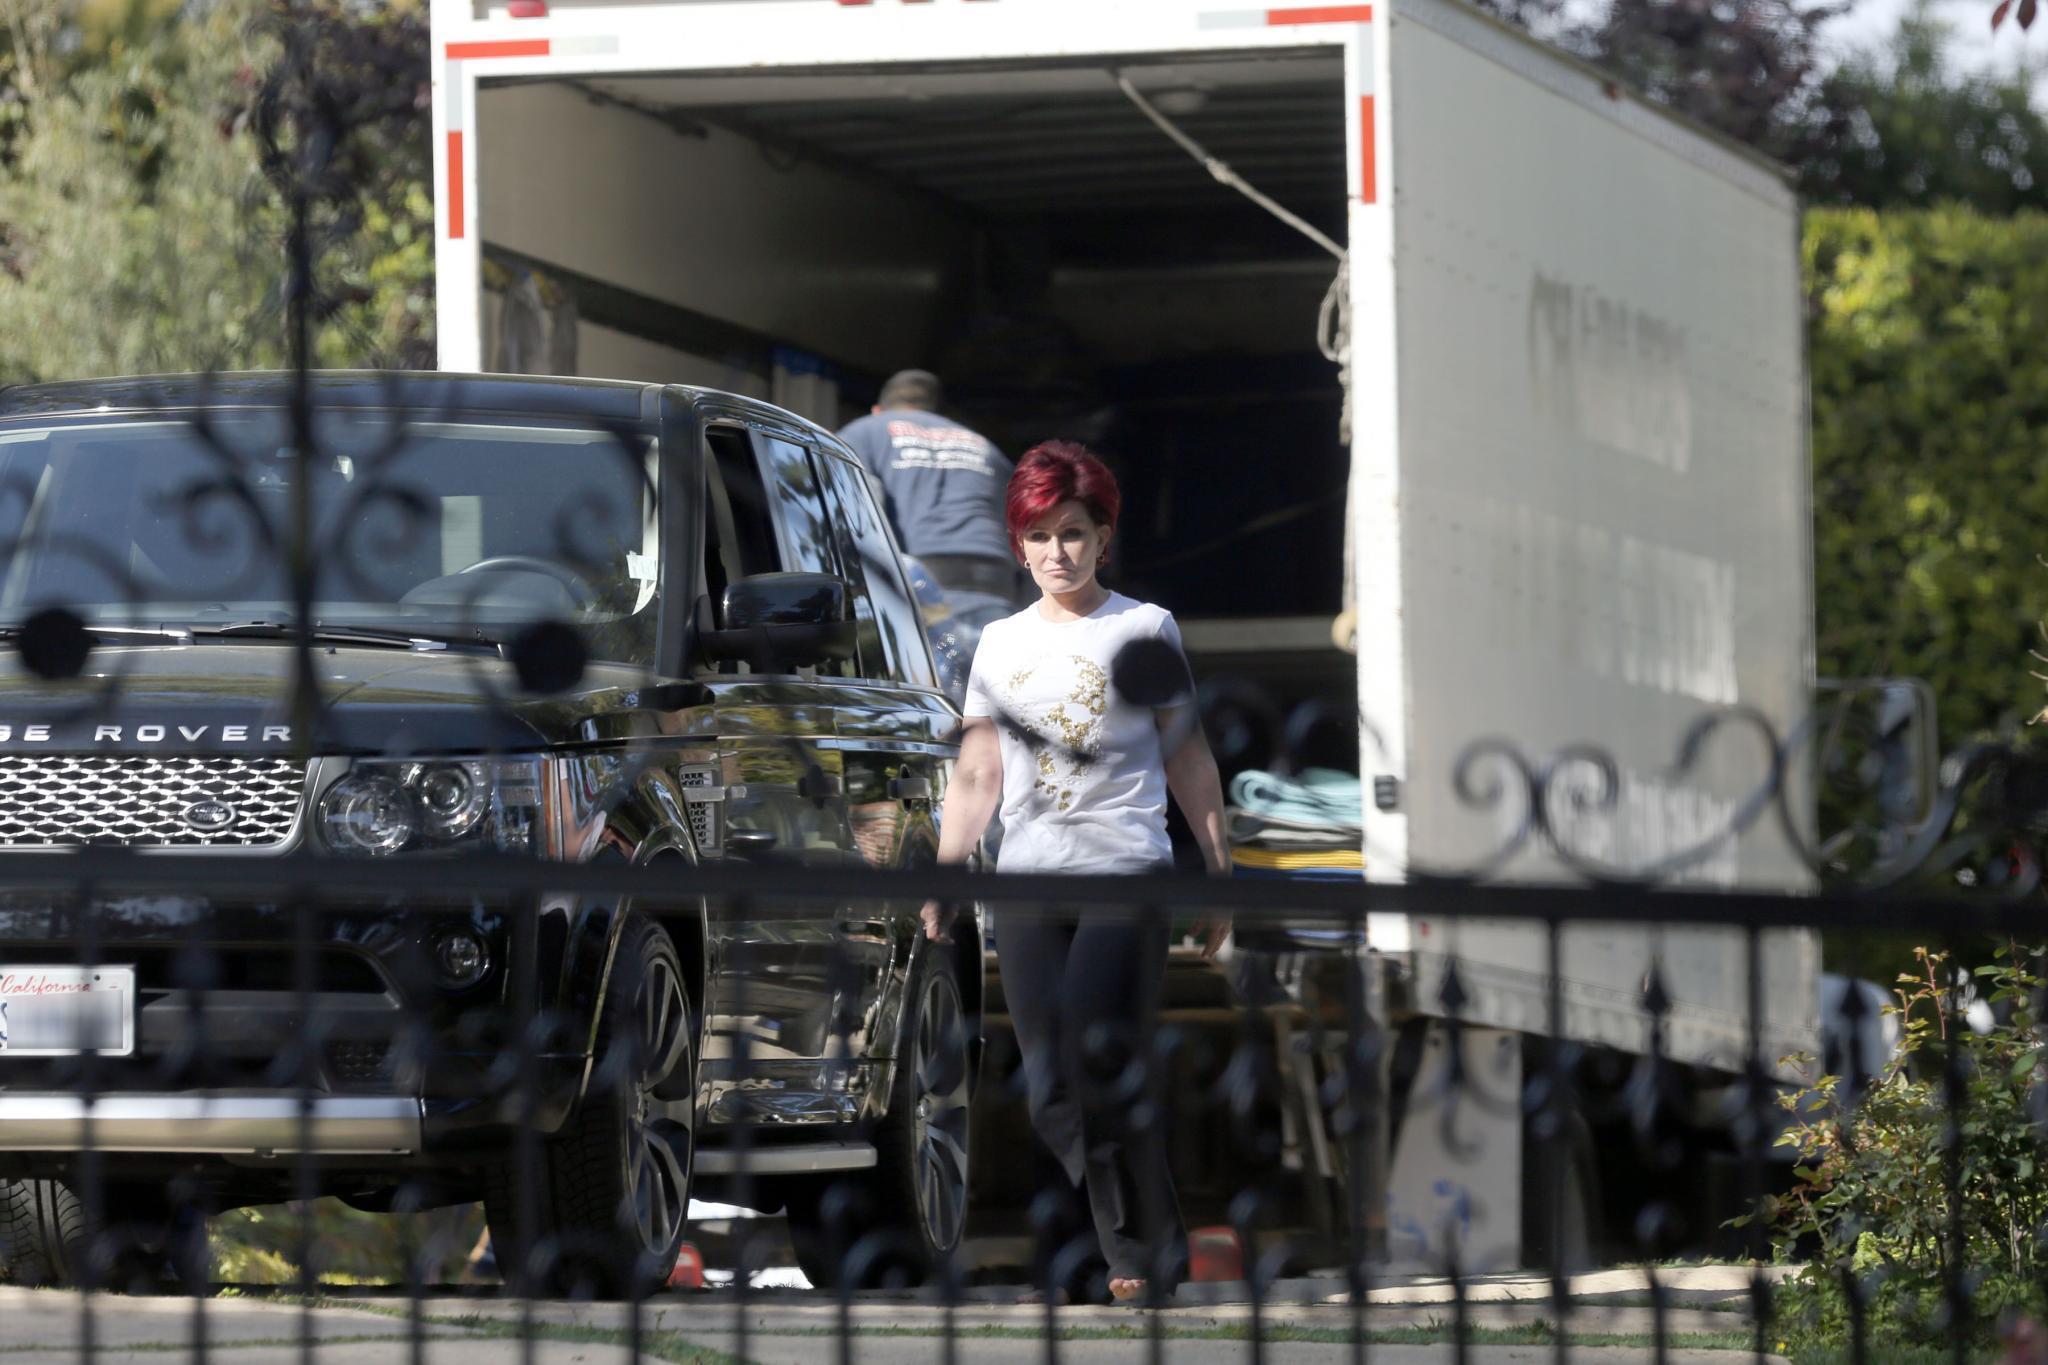 Auch wenn eine Scheidung derzeit angeblich nicht zur Debatte steht, ist Sharon Osbourne aus dem gemeinsamen Haus mit ihrem Mann Ozzy vorerst ausgezogen. Fotos vom 14. April zeigen sie mit Möbelpackern und Umzugswagen in Beverly Hills.